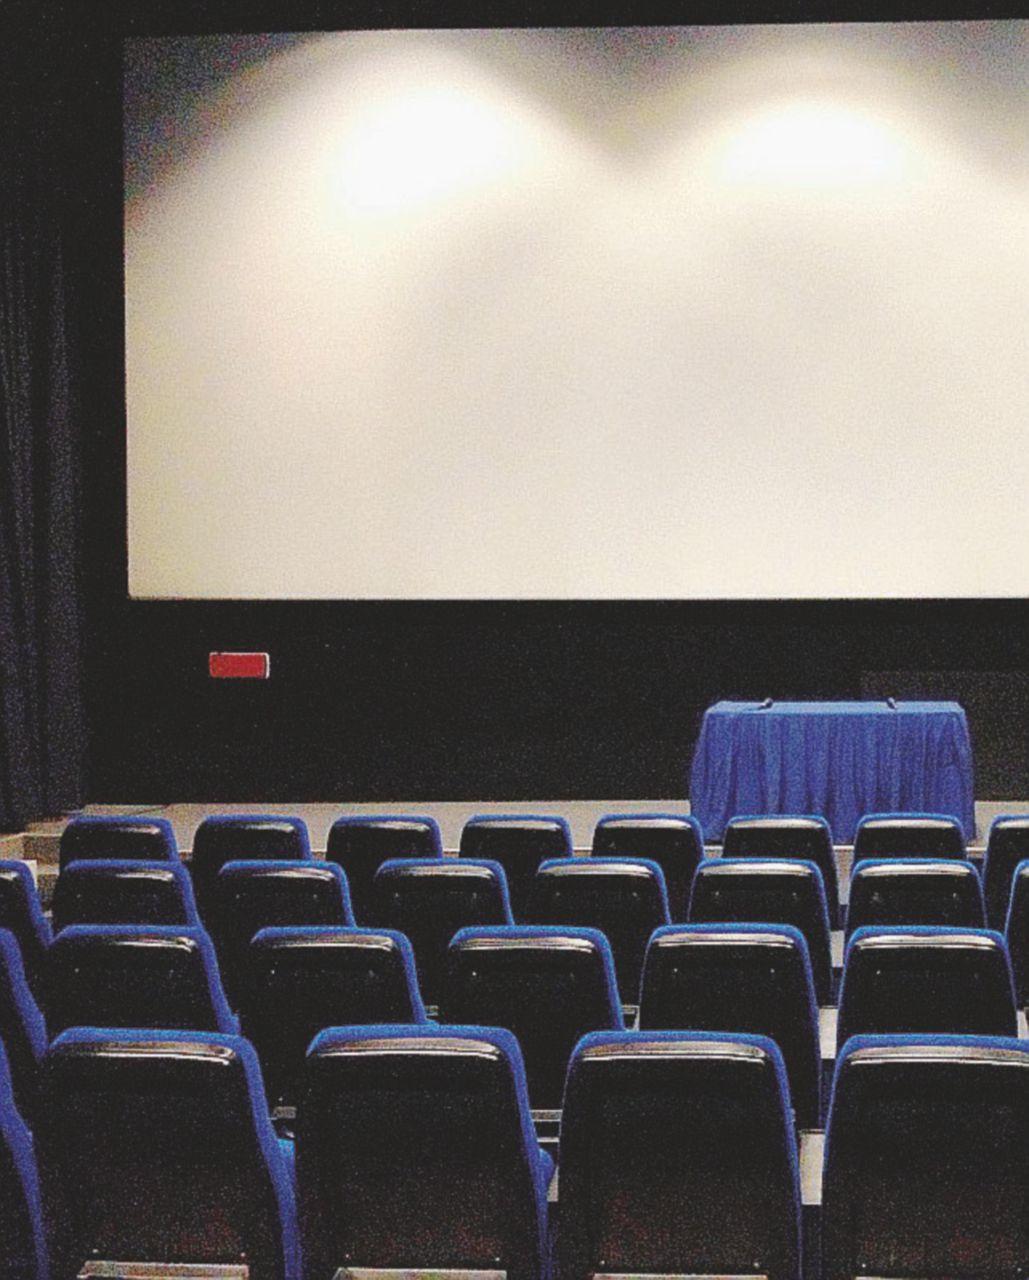 Il cinema ha la sua legge: più soldi per tutti (si spera non solo per i soliti)